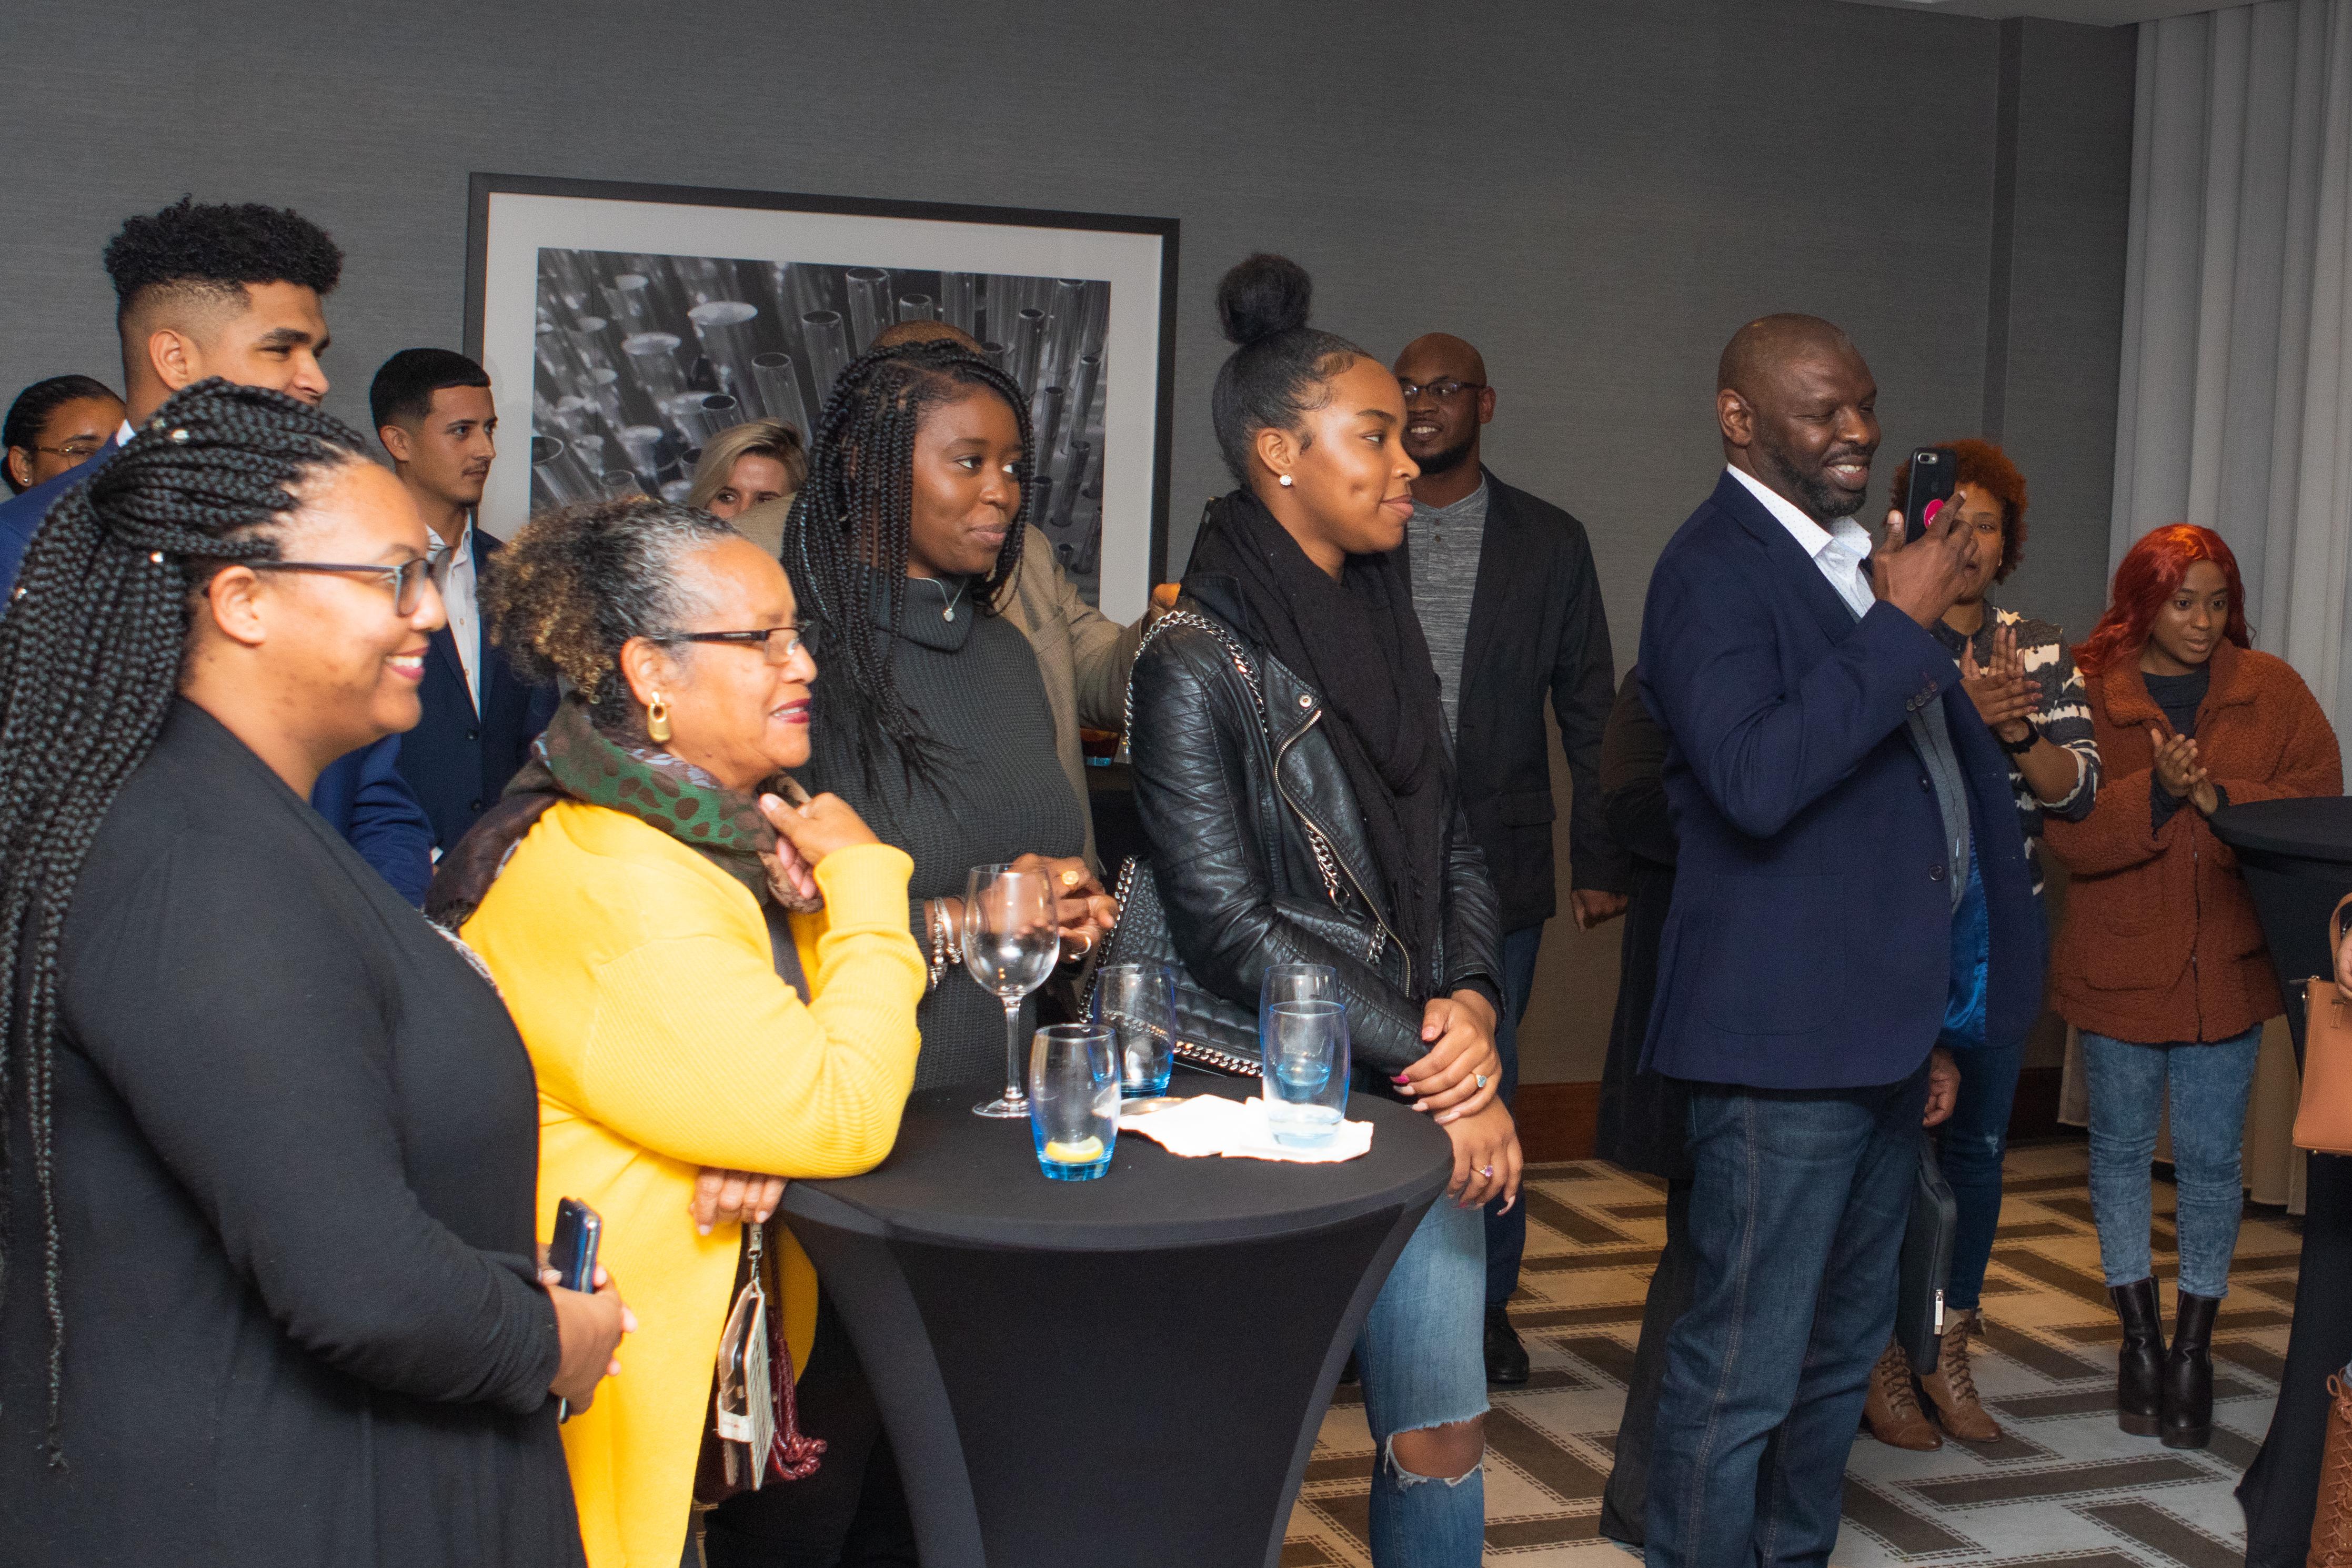 Bermuda Reception: Birmingham 2019